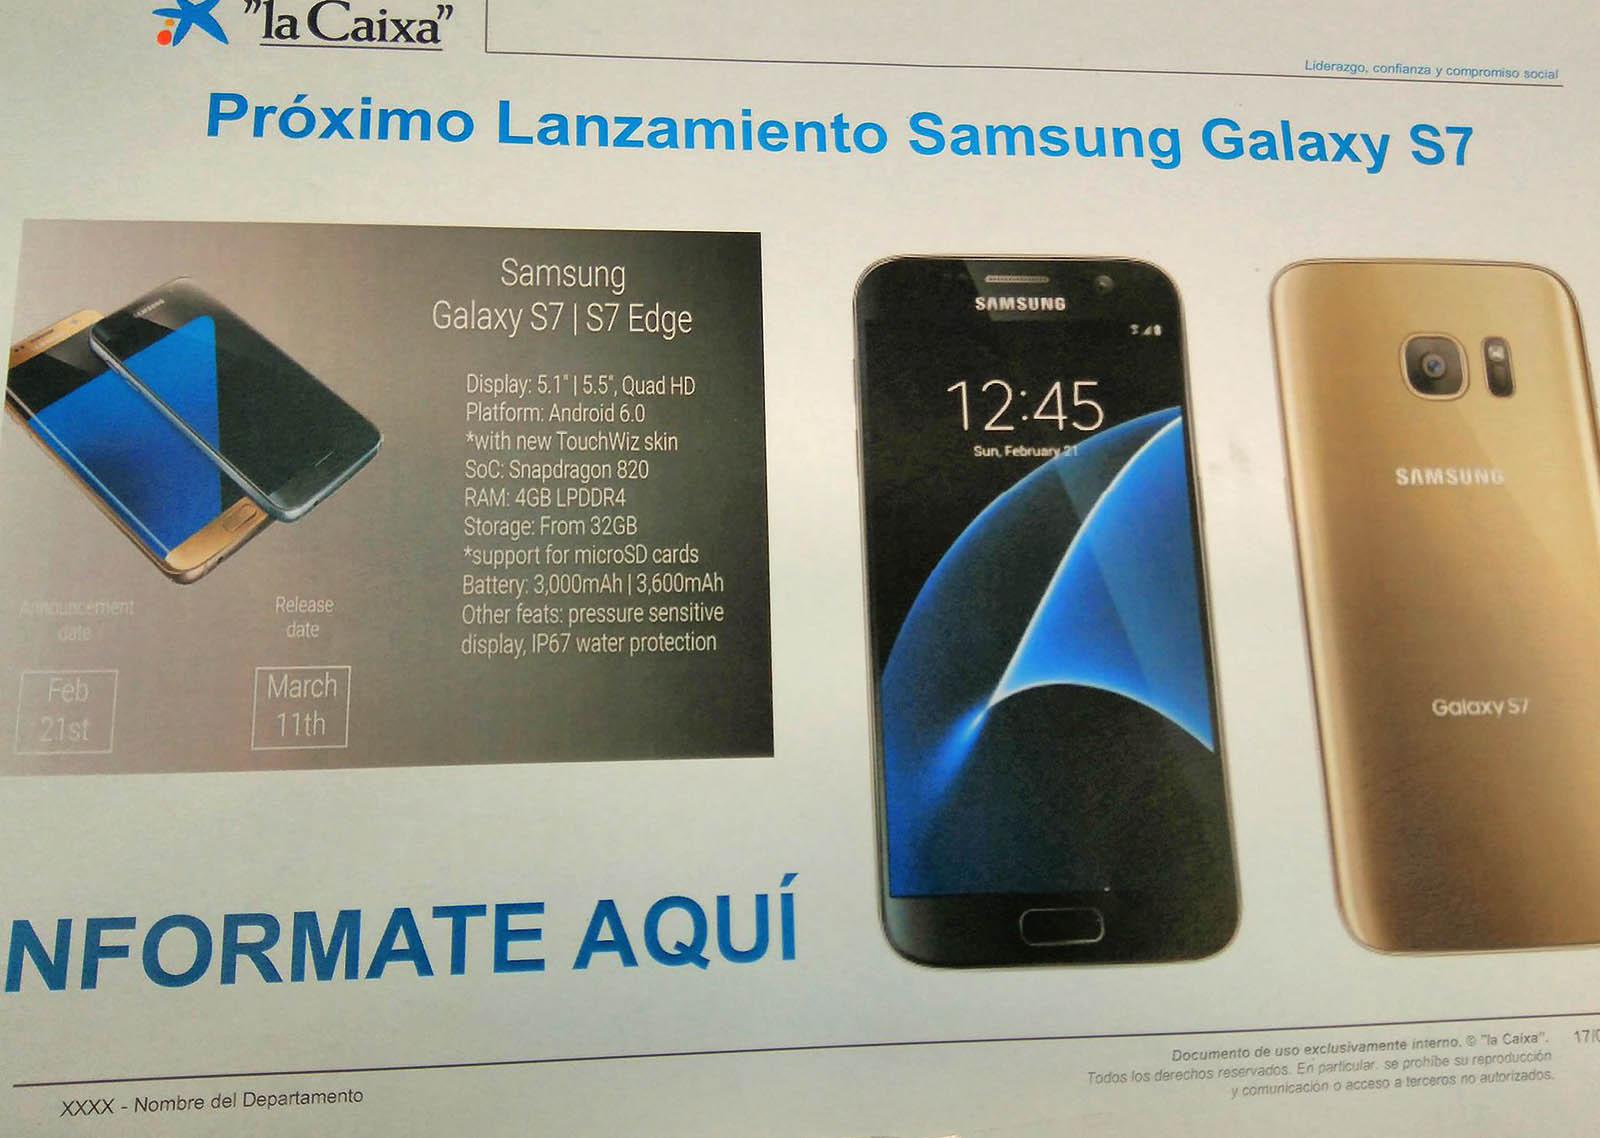 Galaxy S7 ultima filtracion